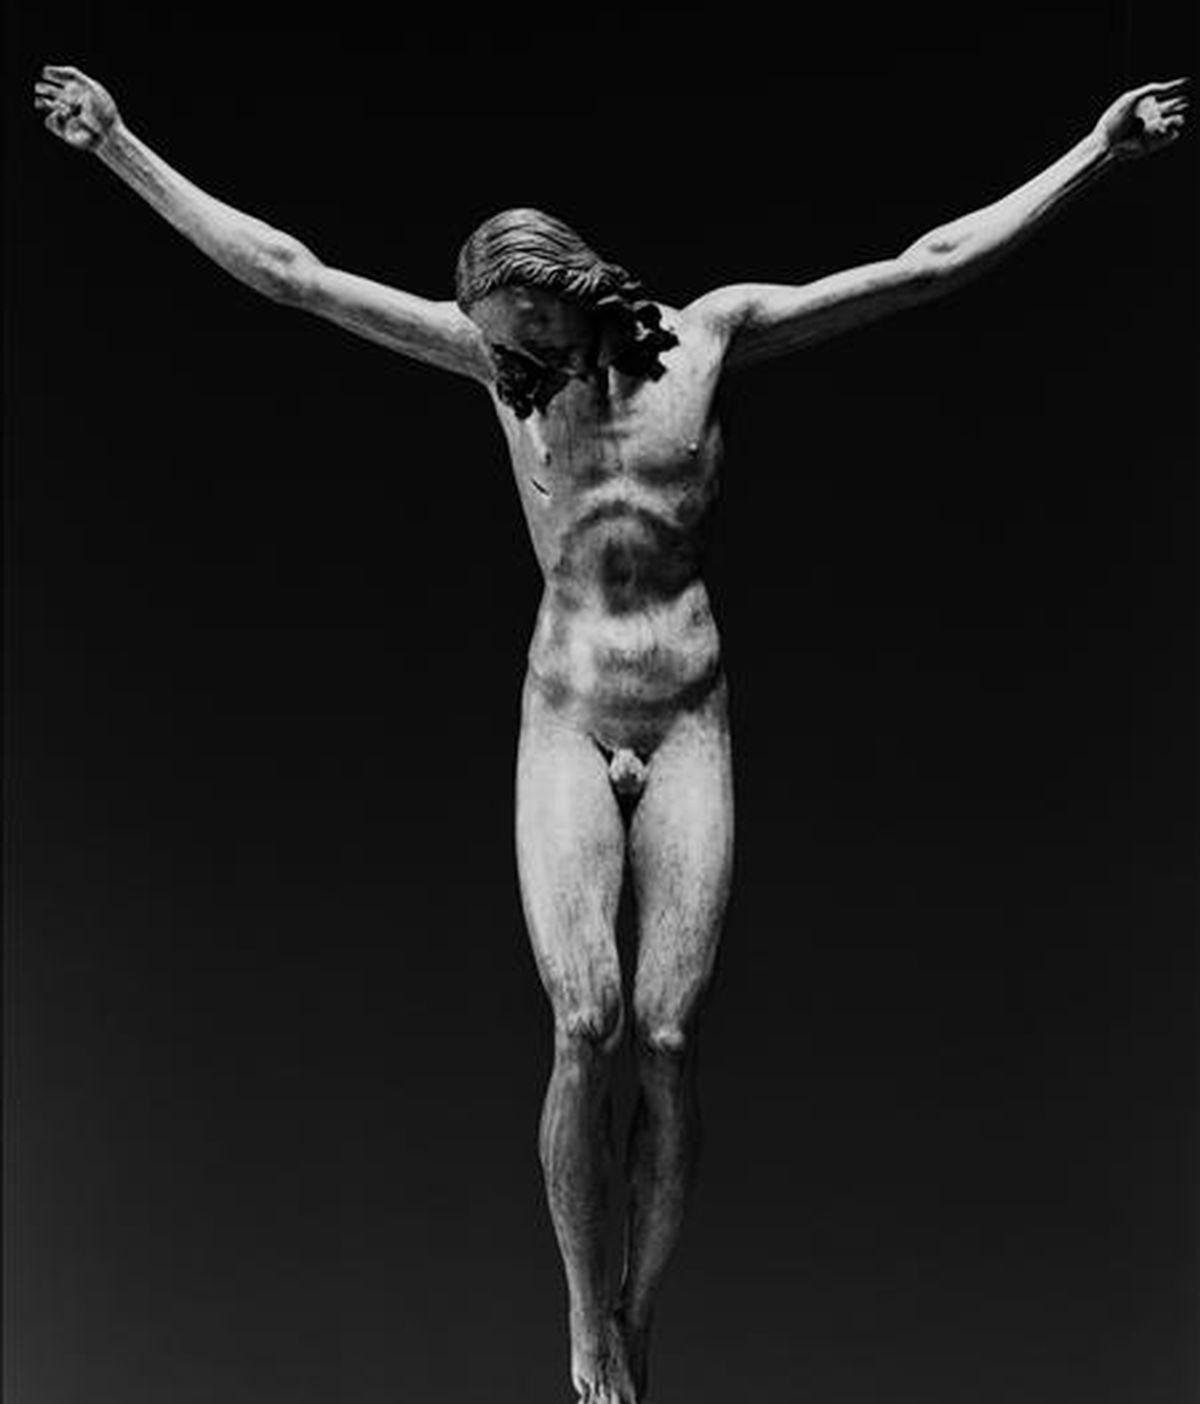 Fotografía de archivo fechada el 12 de diciembre de 2008 del crucifijo atribuido a Miguel Ángel y comprado por Italia. El Estado italiano pagó 3,2 millones de euros por un crucifijo atribuido al artista renacentista Miguel Ángel Buonarotti (1475-1564). EFE/Archivo